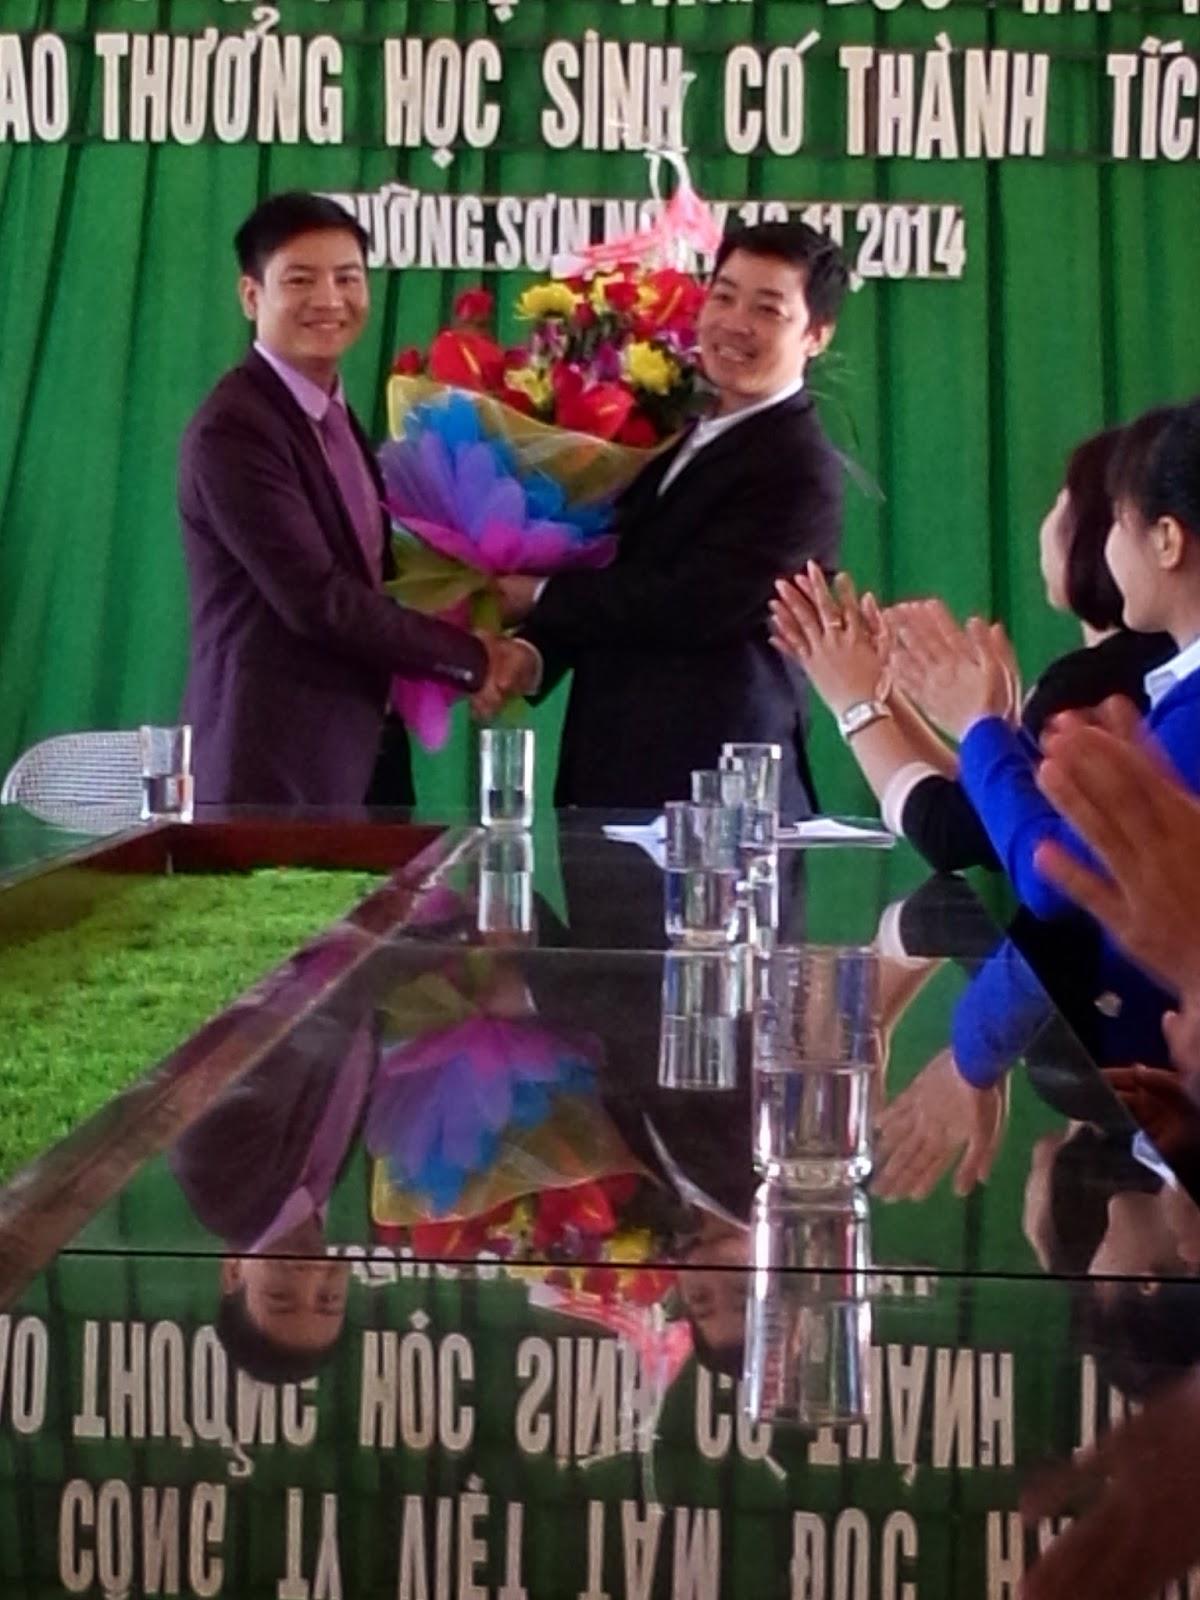 Tham dự buổi lễ kỷ niệm ngày nhà giáo Việt Nam